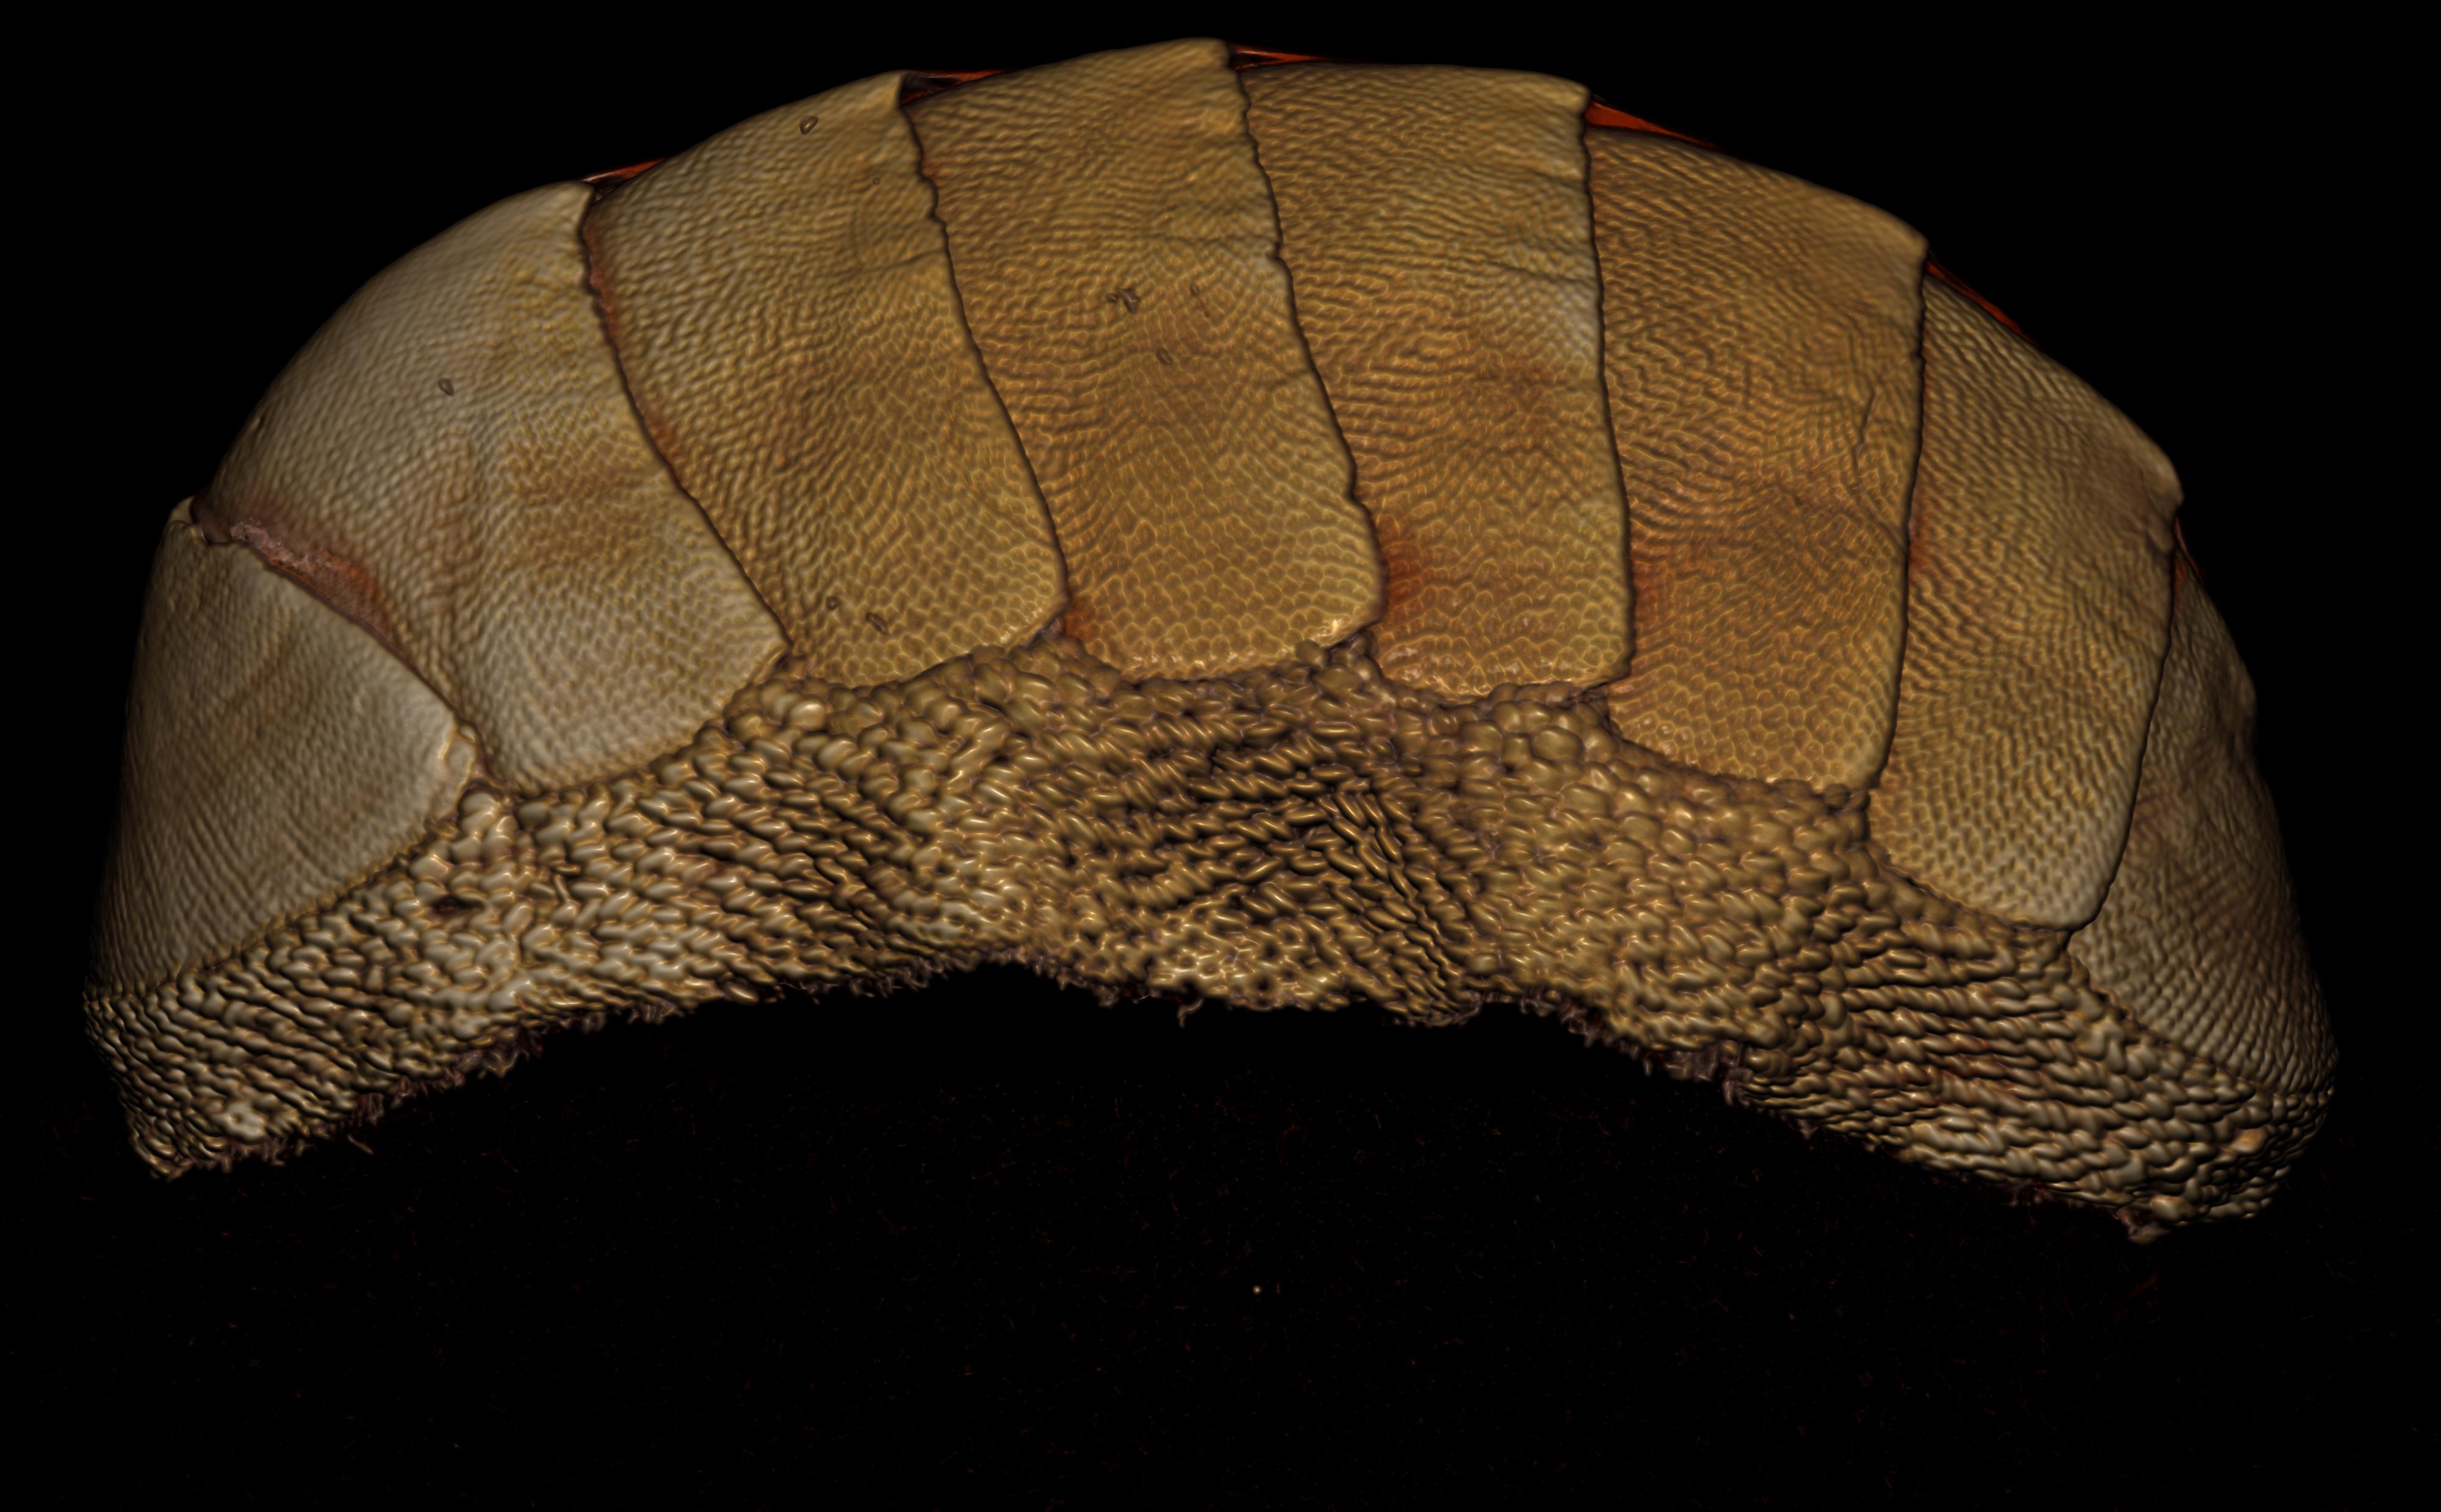 BE-RBINS-INV PARATYPE MT.3658 Ischnochiton (Ischnochiton) yemenensis MICROCT RX LATERAL.jpg